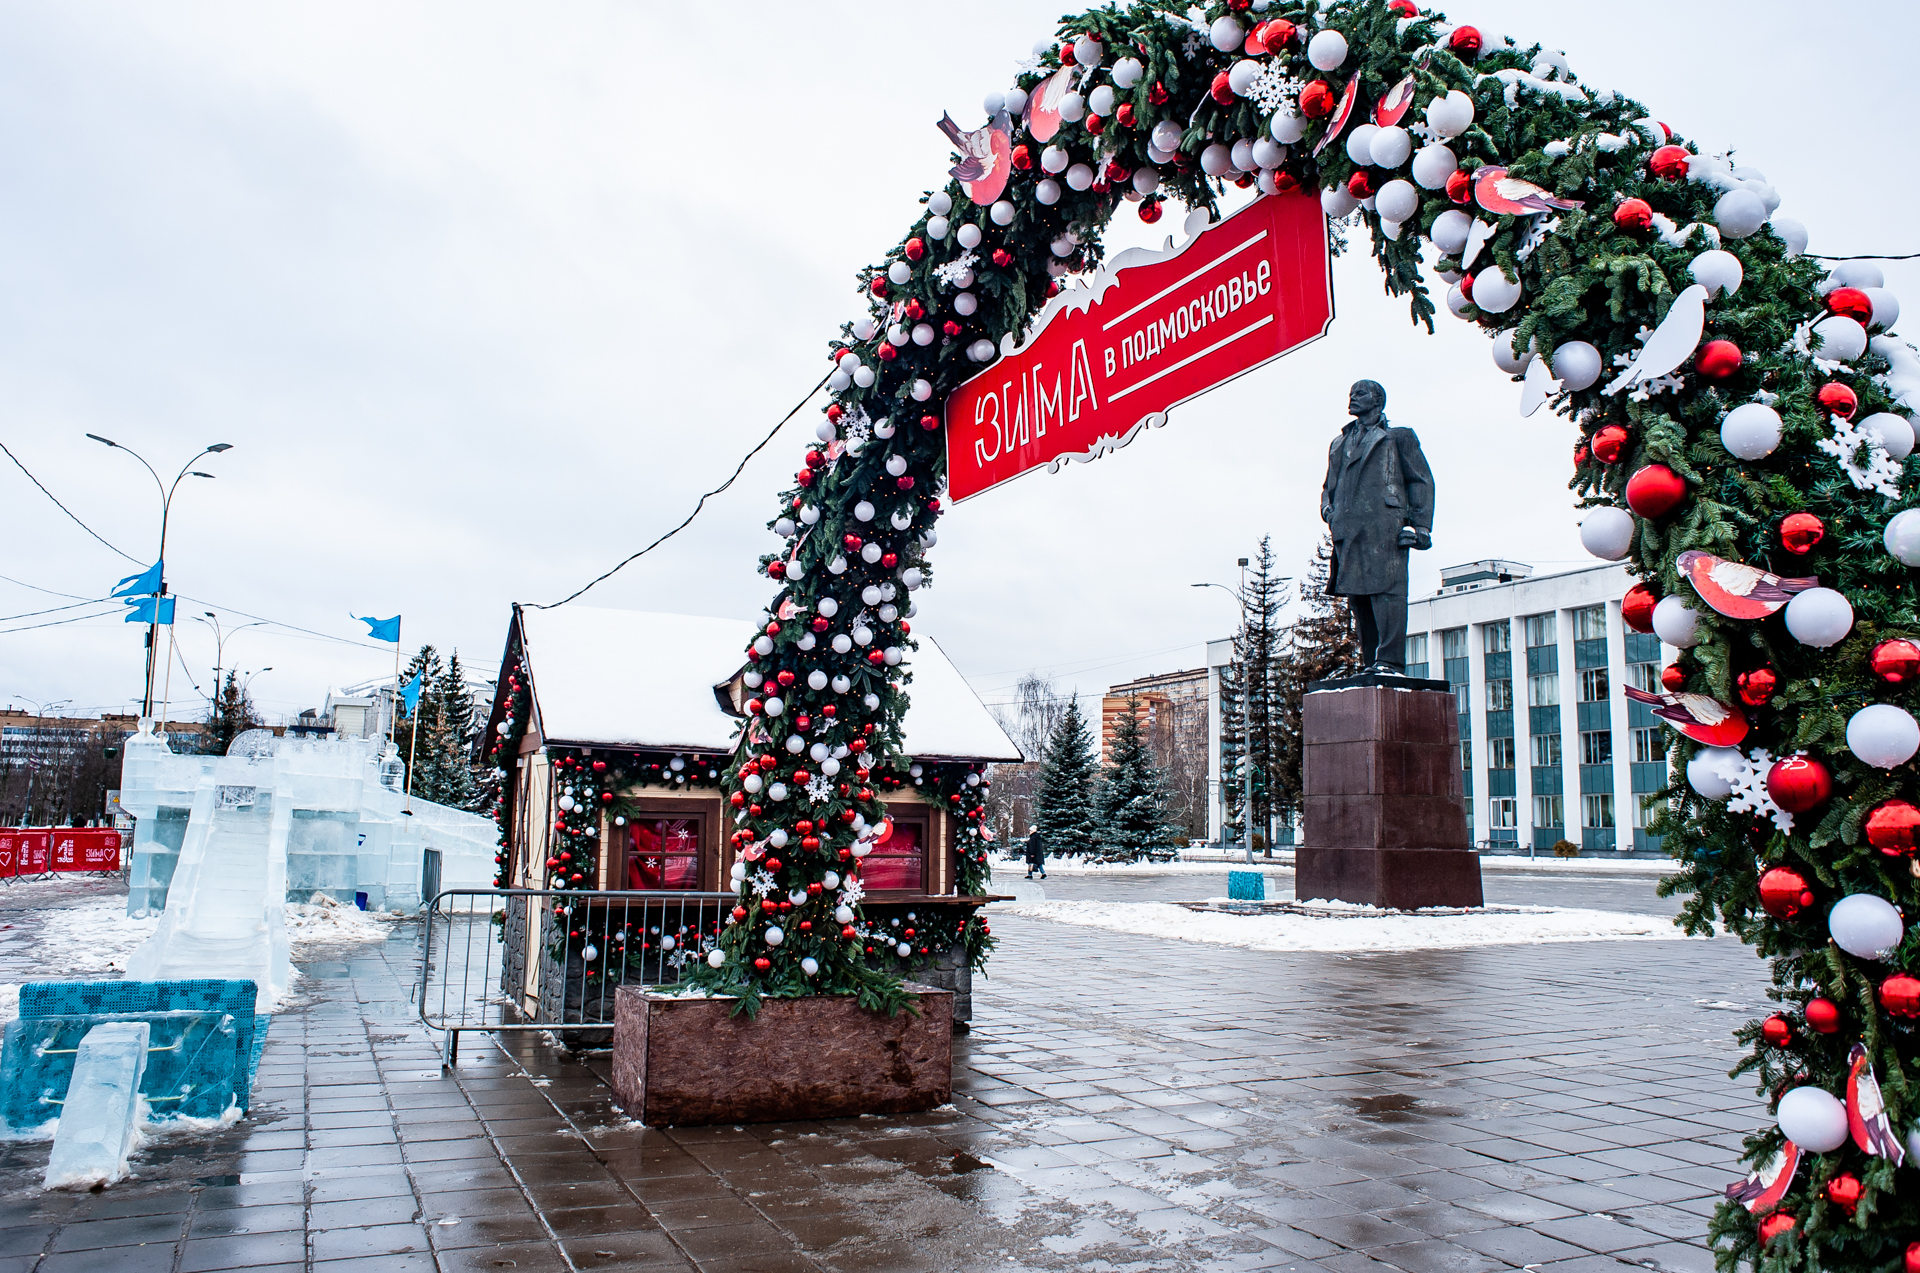 Одинцово. Центральный городской парк, памятник Ленину